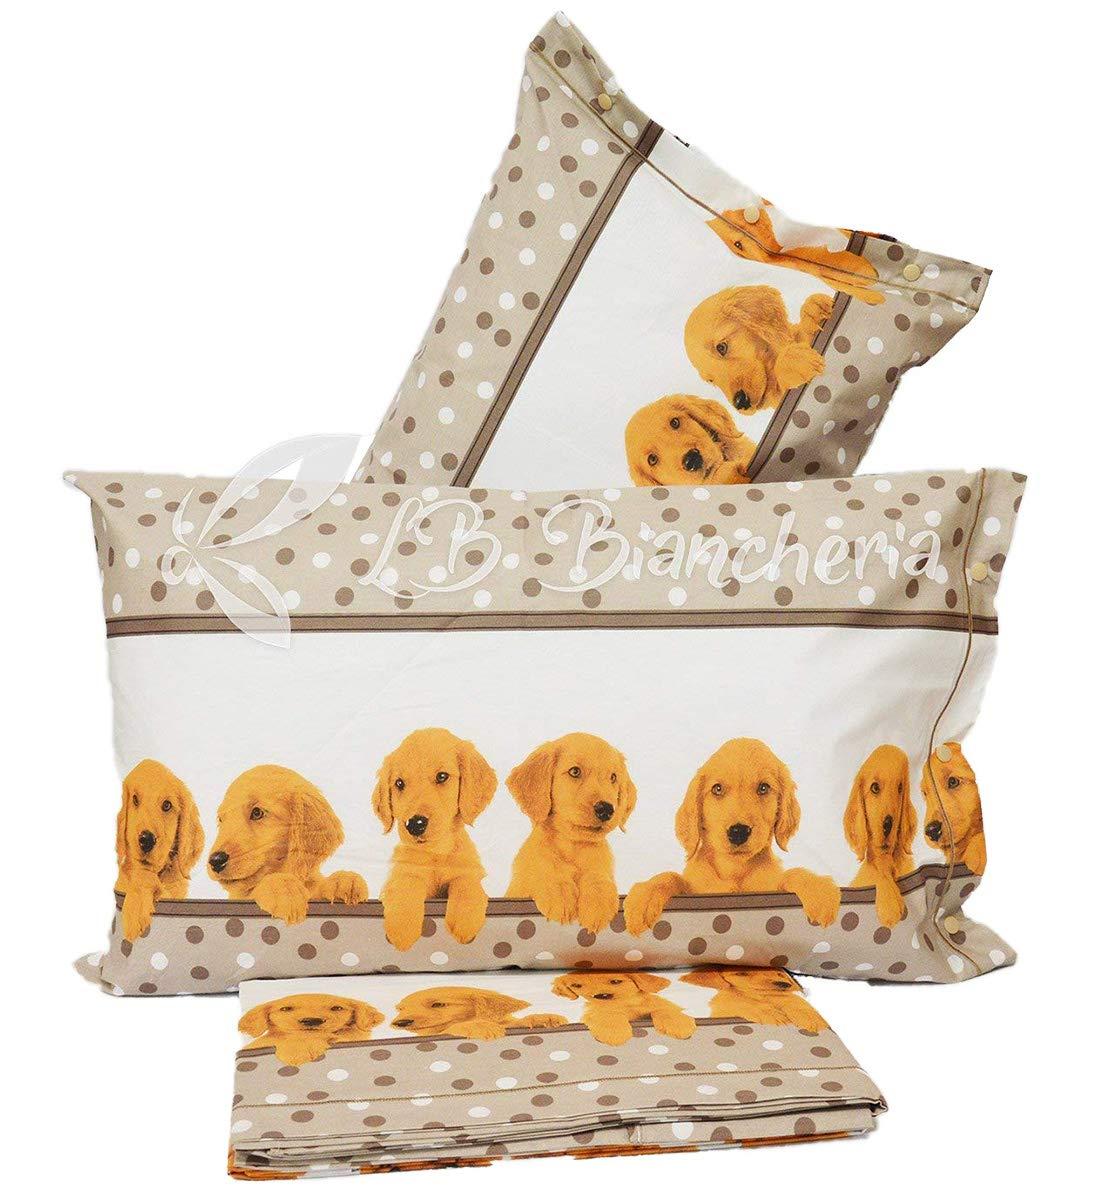 R.P. Completo Lenzuola Amici Cuccioli - Made in Italy - 100% Cotone a Trama fitta - 1 Piazza. Letto Singolo - Cani Doggy Lbbiancheria